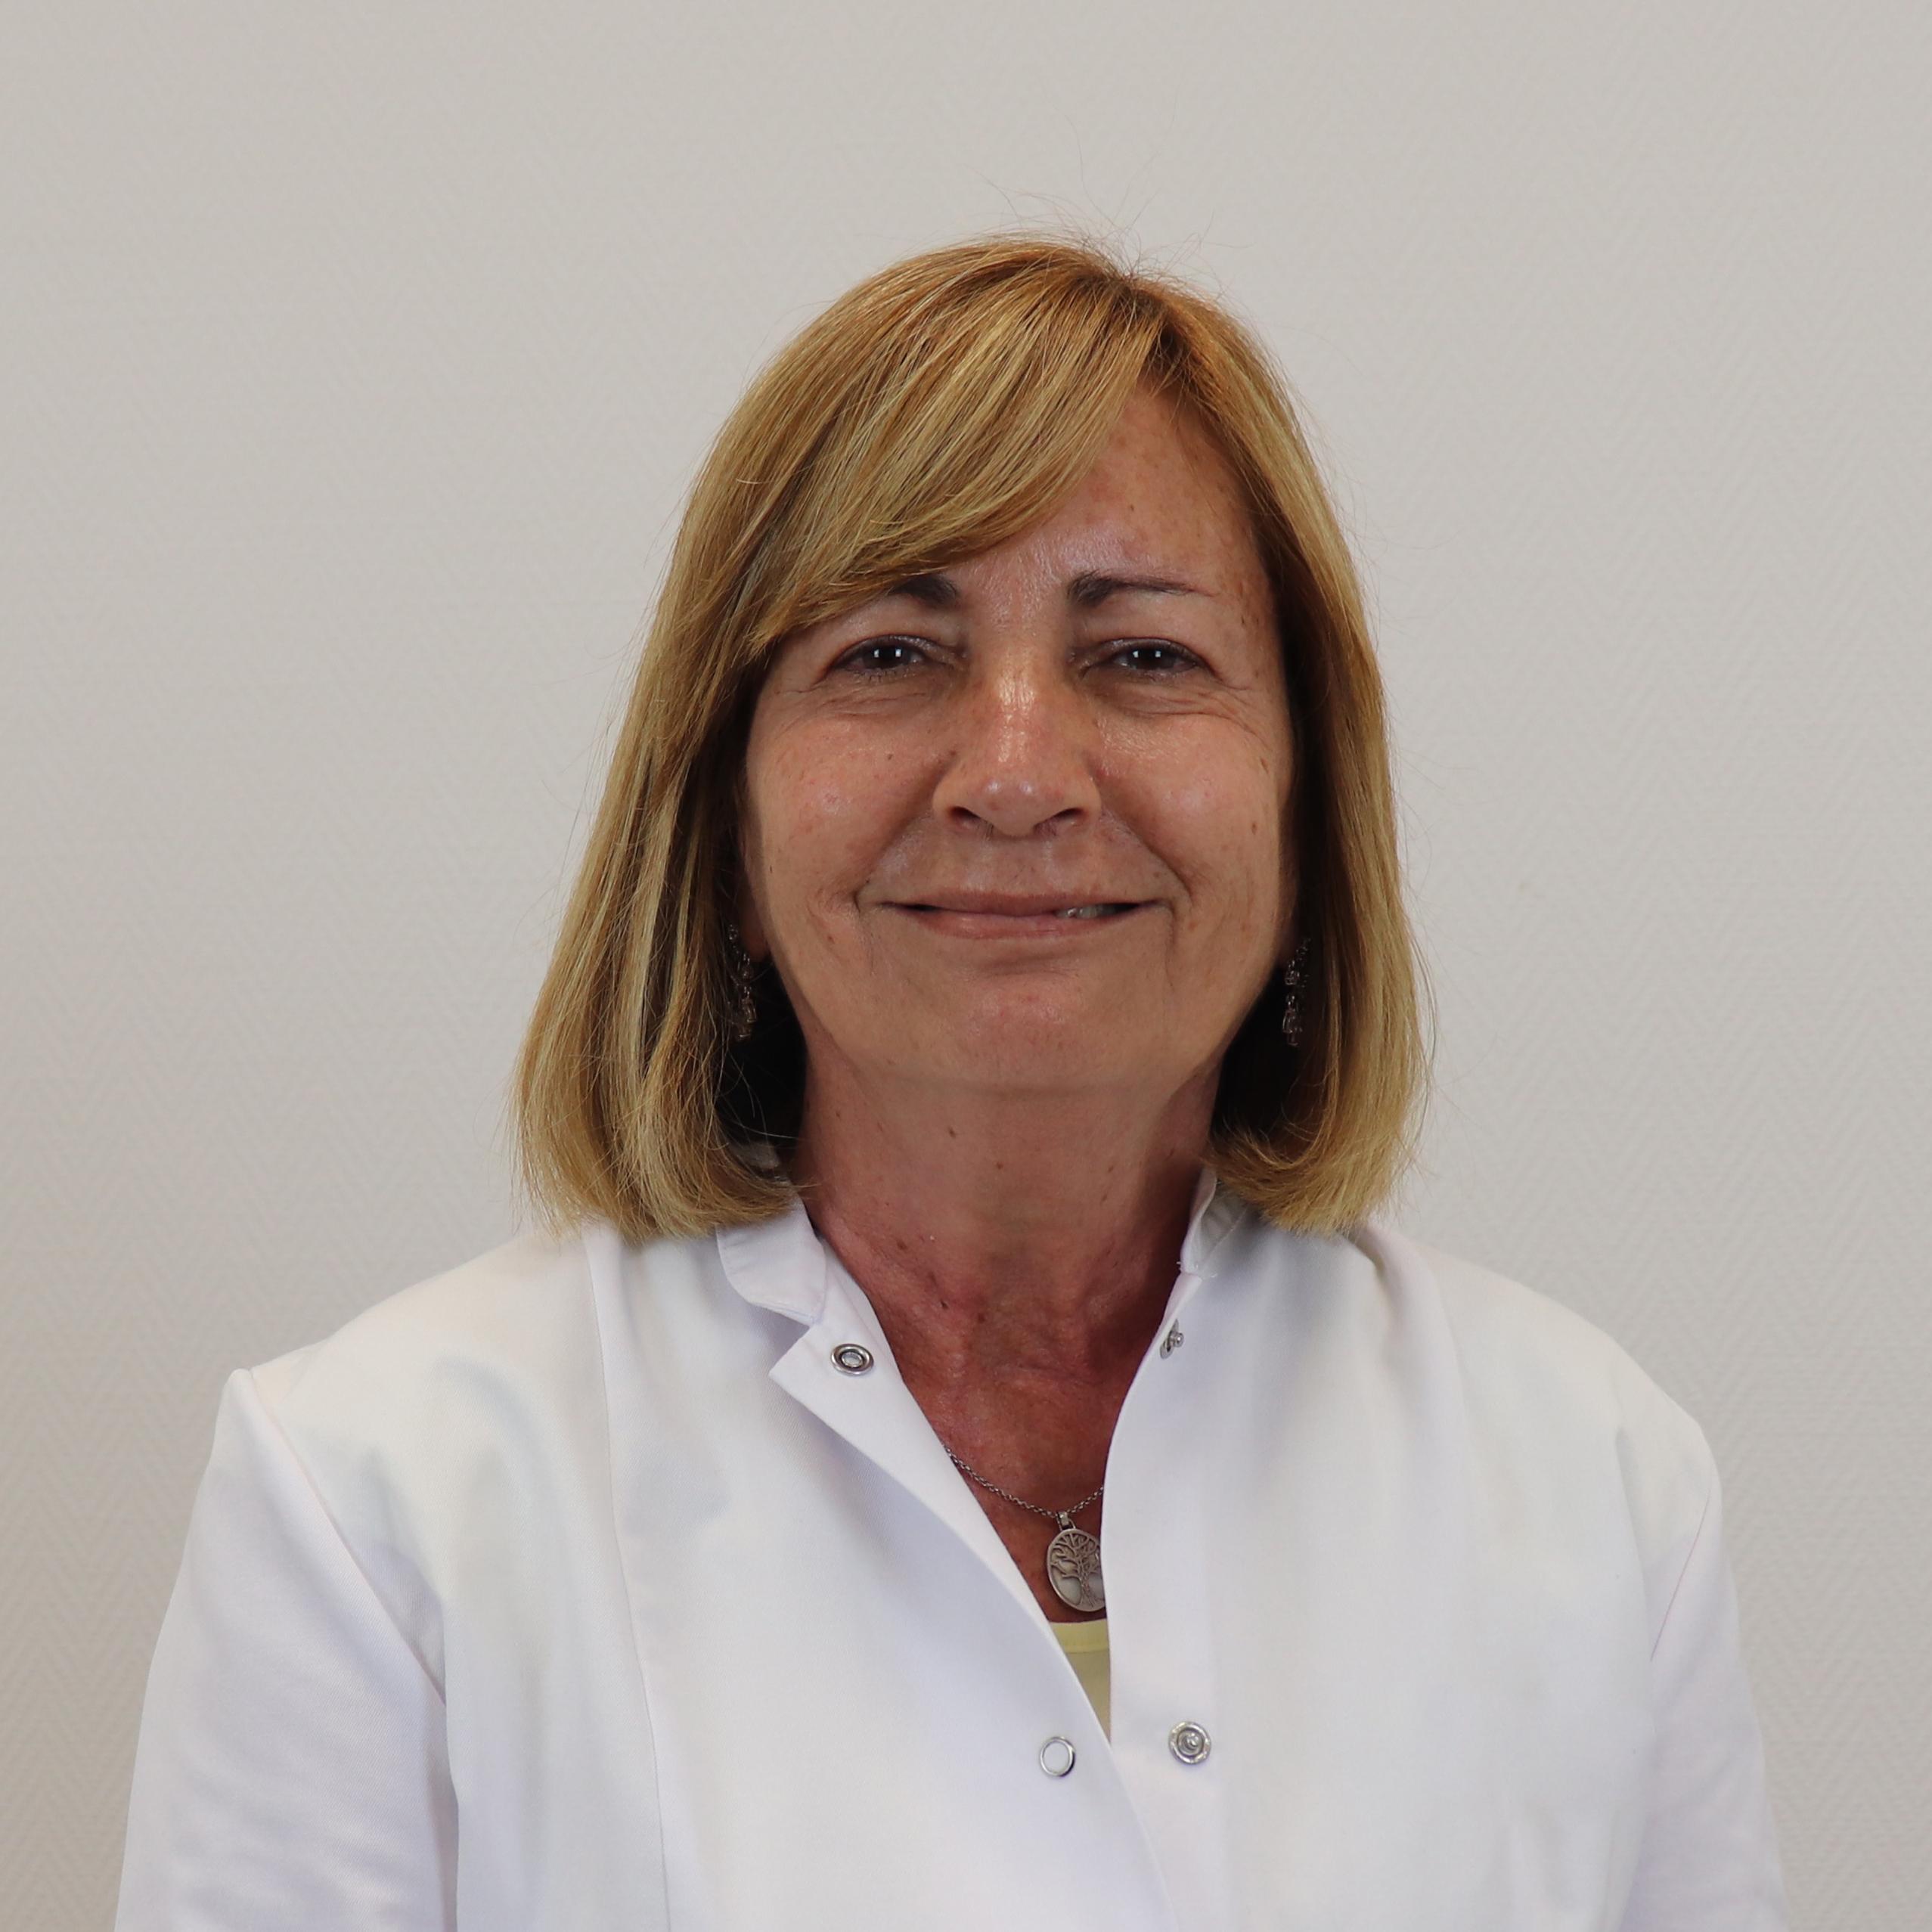 Mª del Pino Mathias Gutiérrez